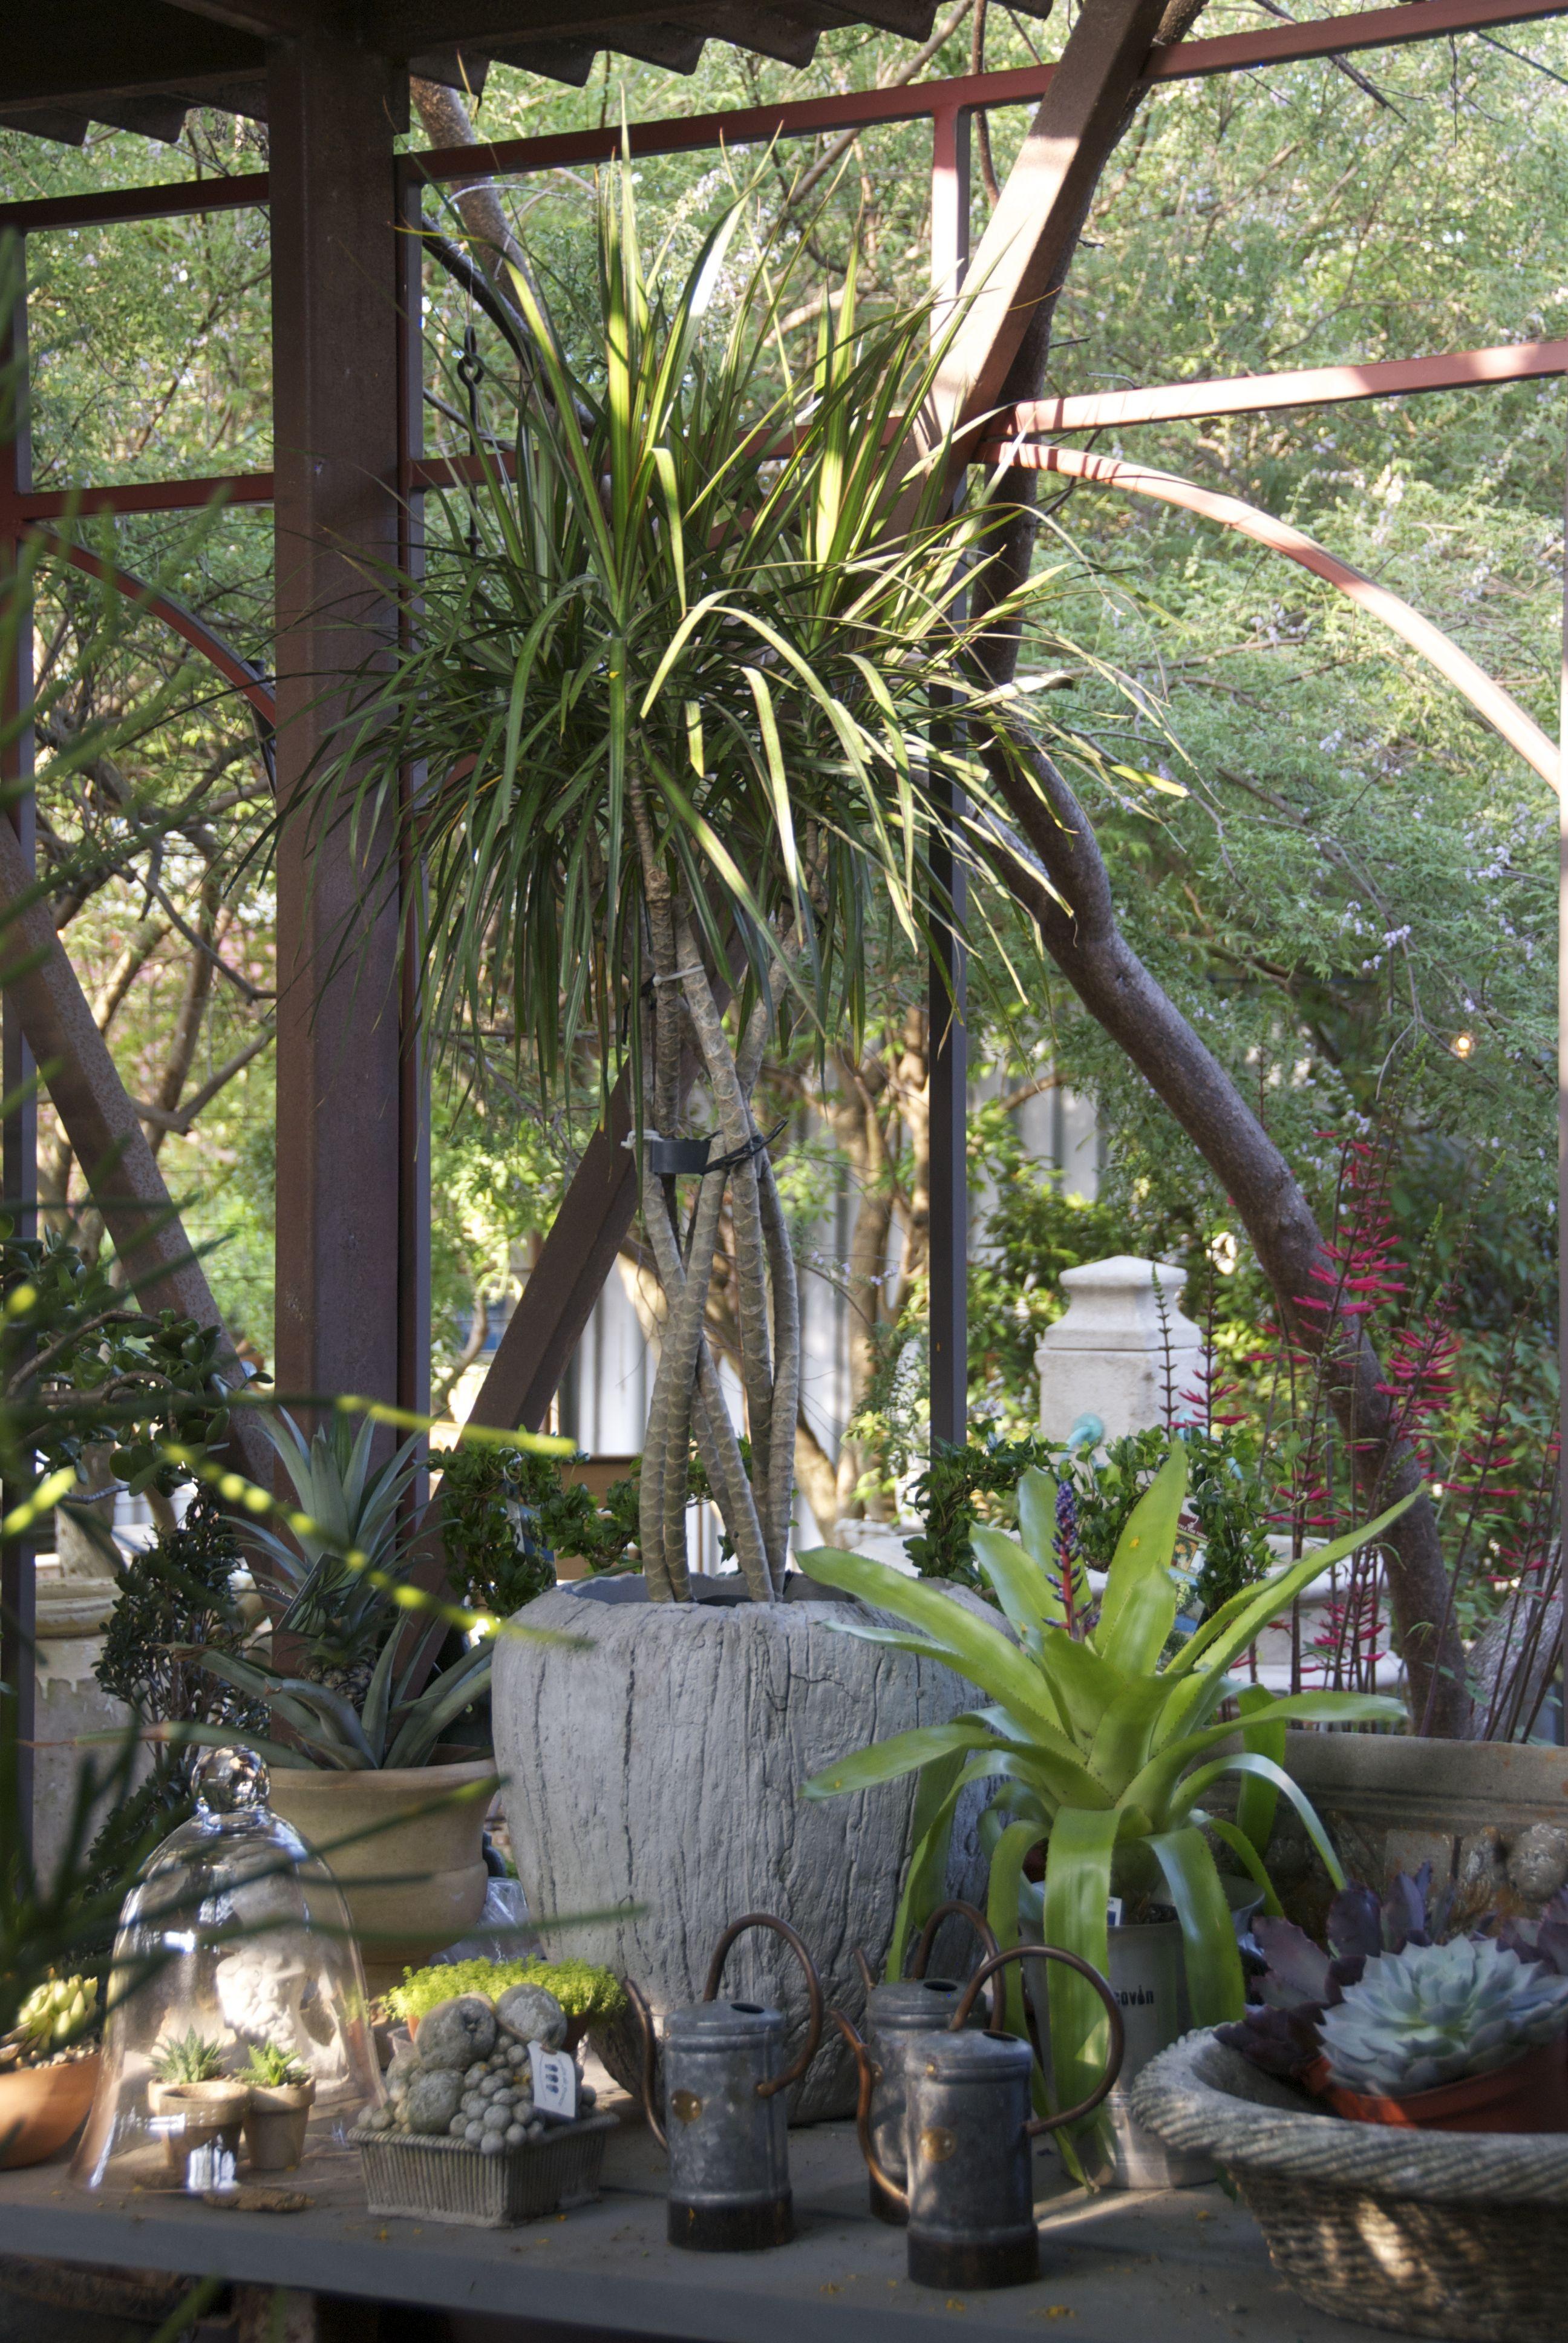 Jardin De France patglo68 on Pinterest